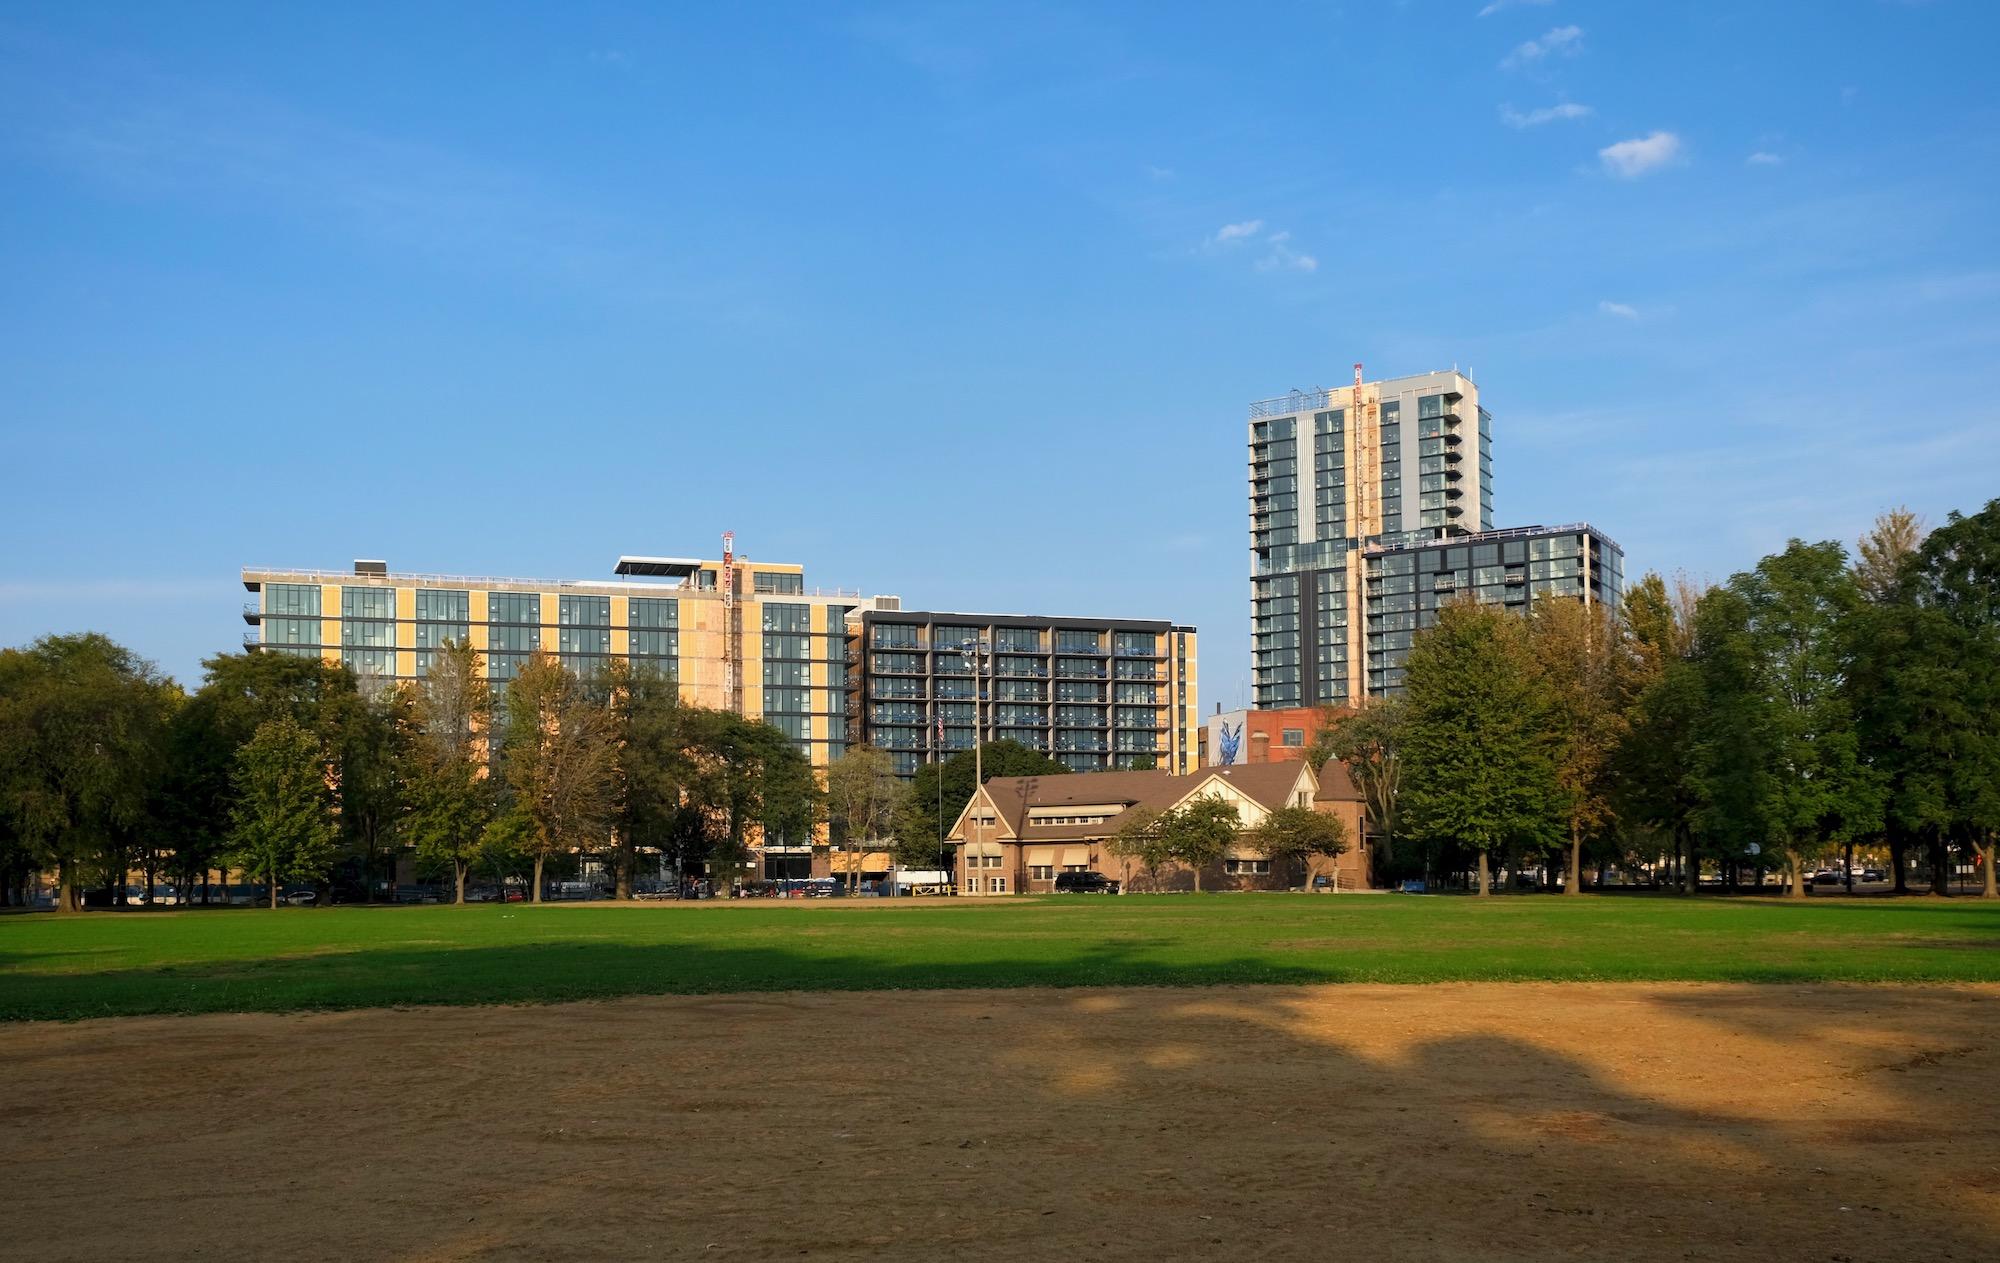 Evo Union Park (left) and Parq Fulton (right)